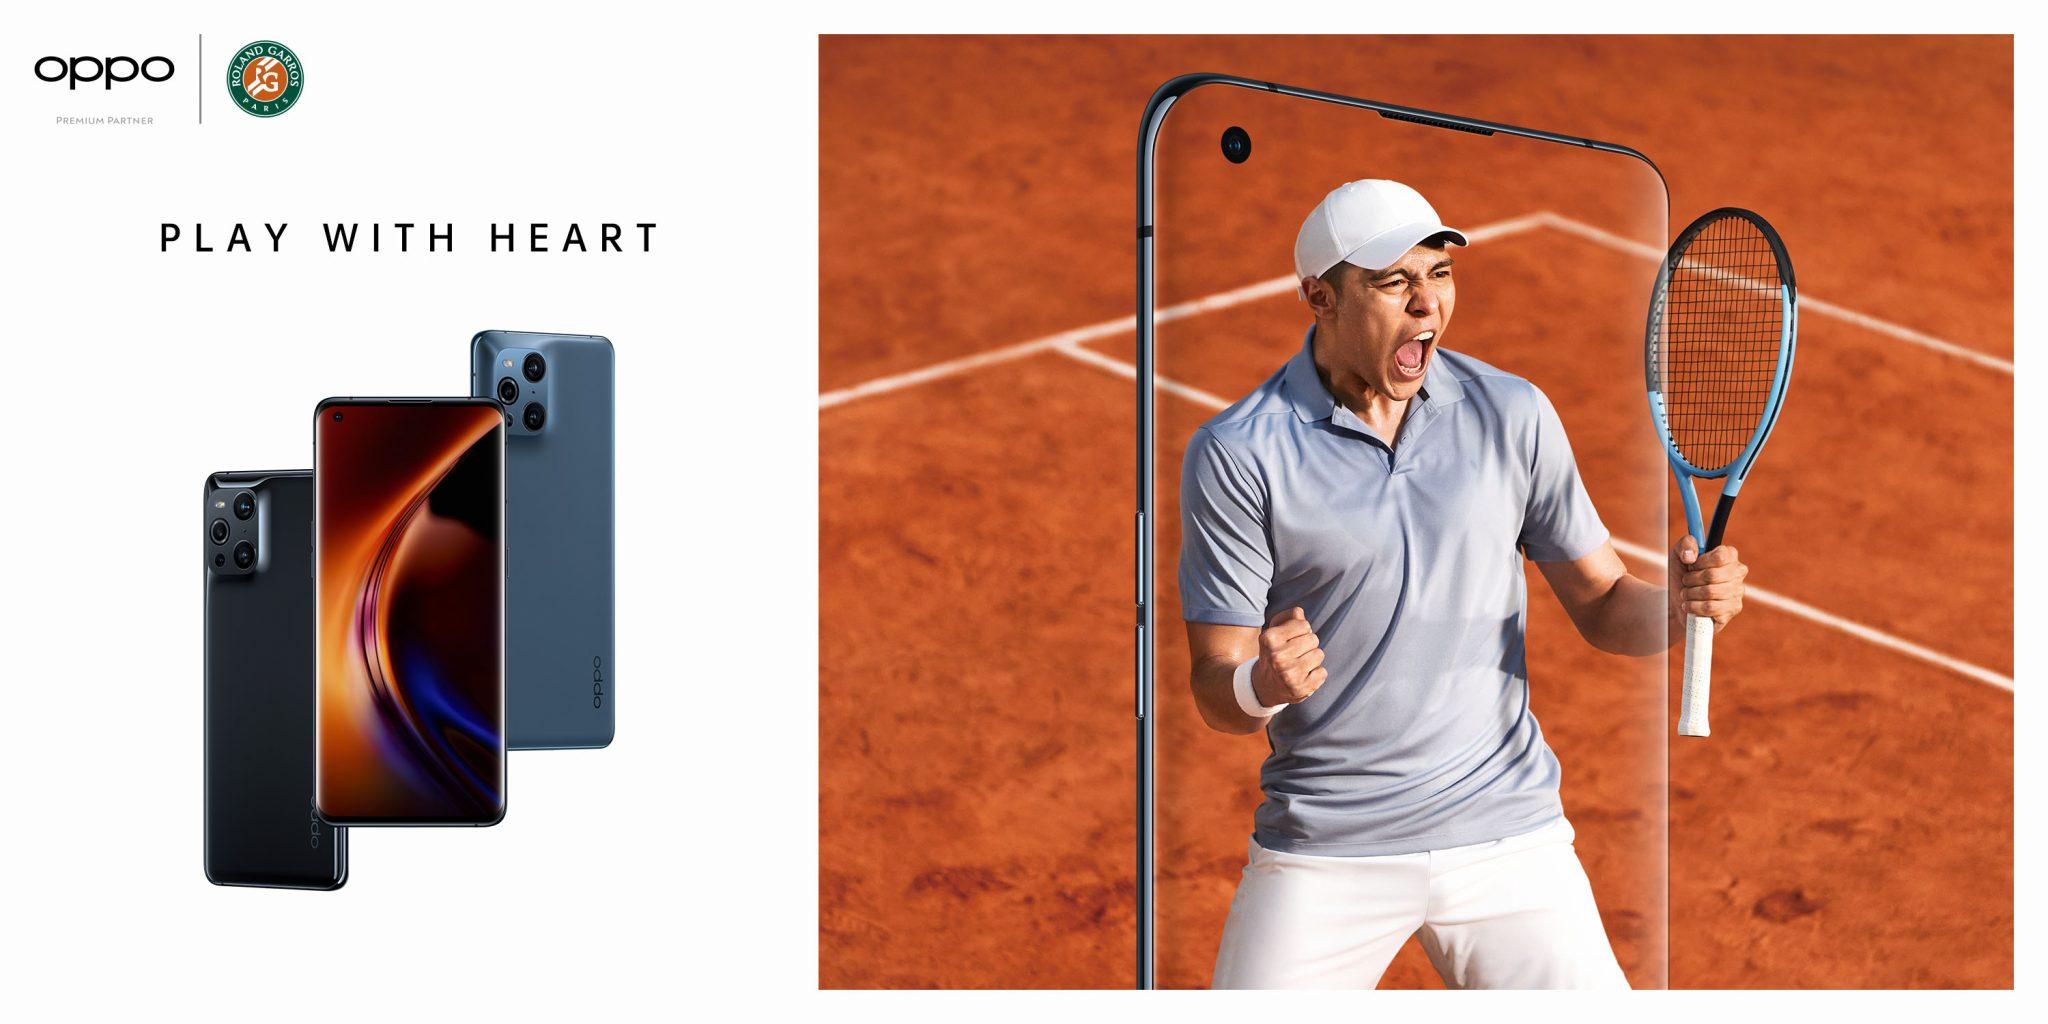 OPPO partner del torneo di tennis Roland Garros e lancia il progetto Play With Heart